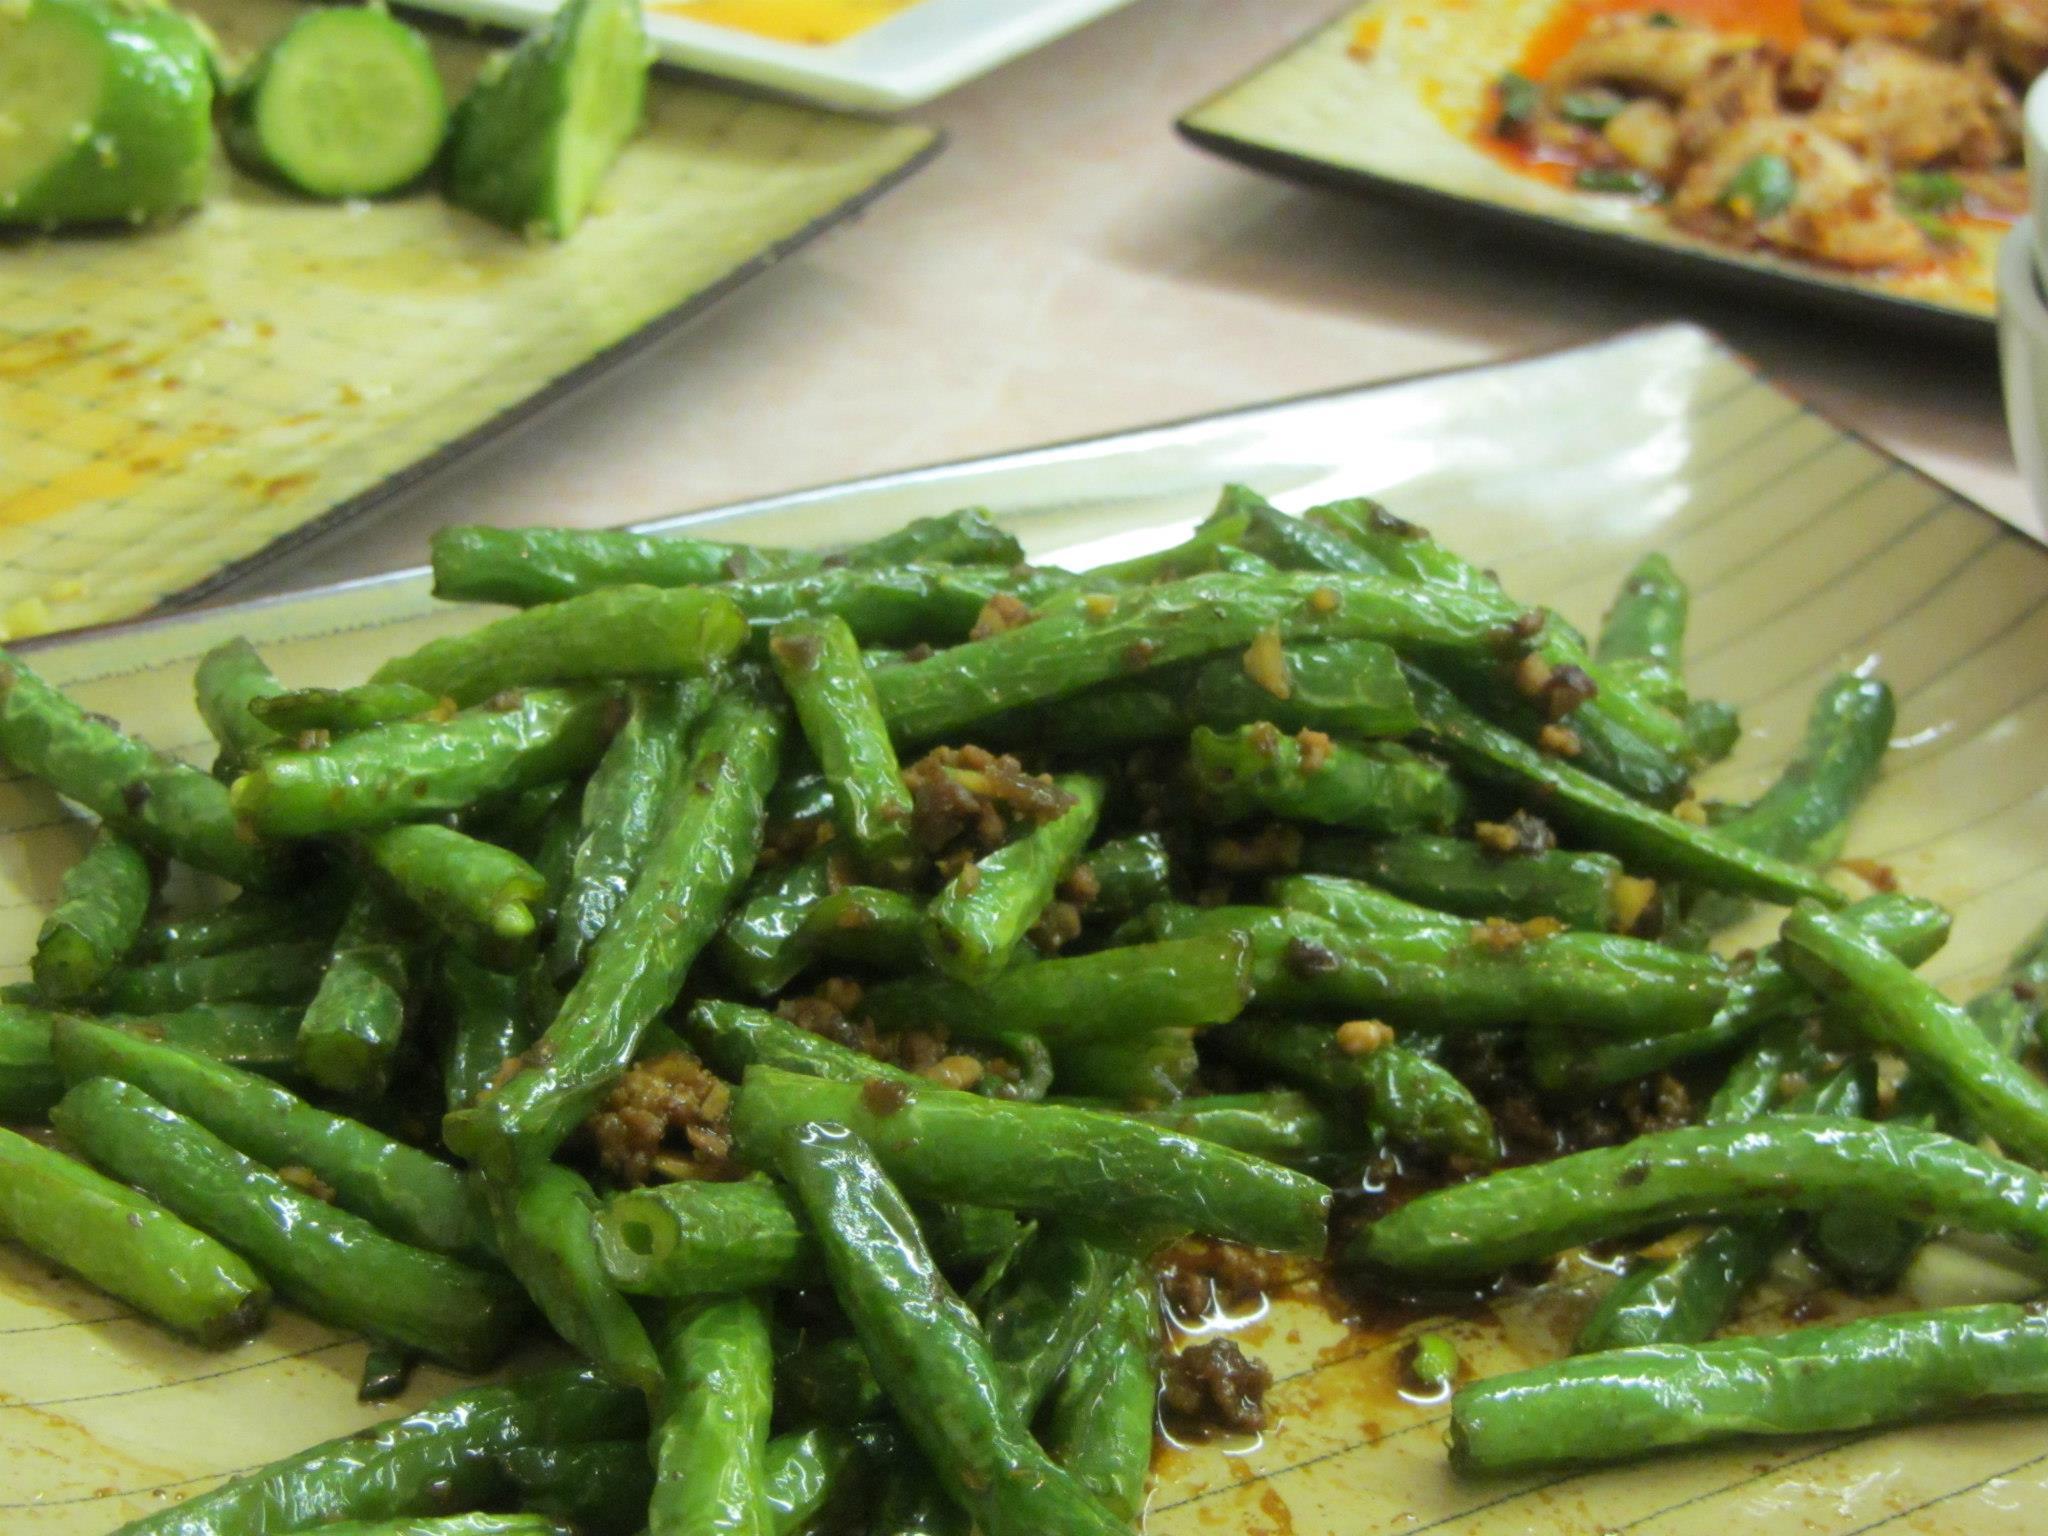 Sichuan green beans/gan bian si ji dou